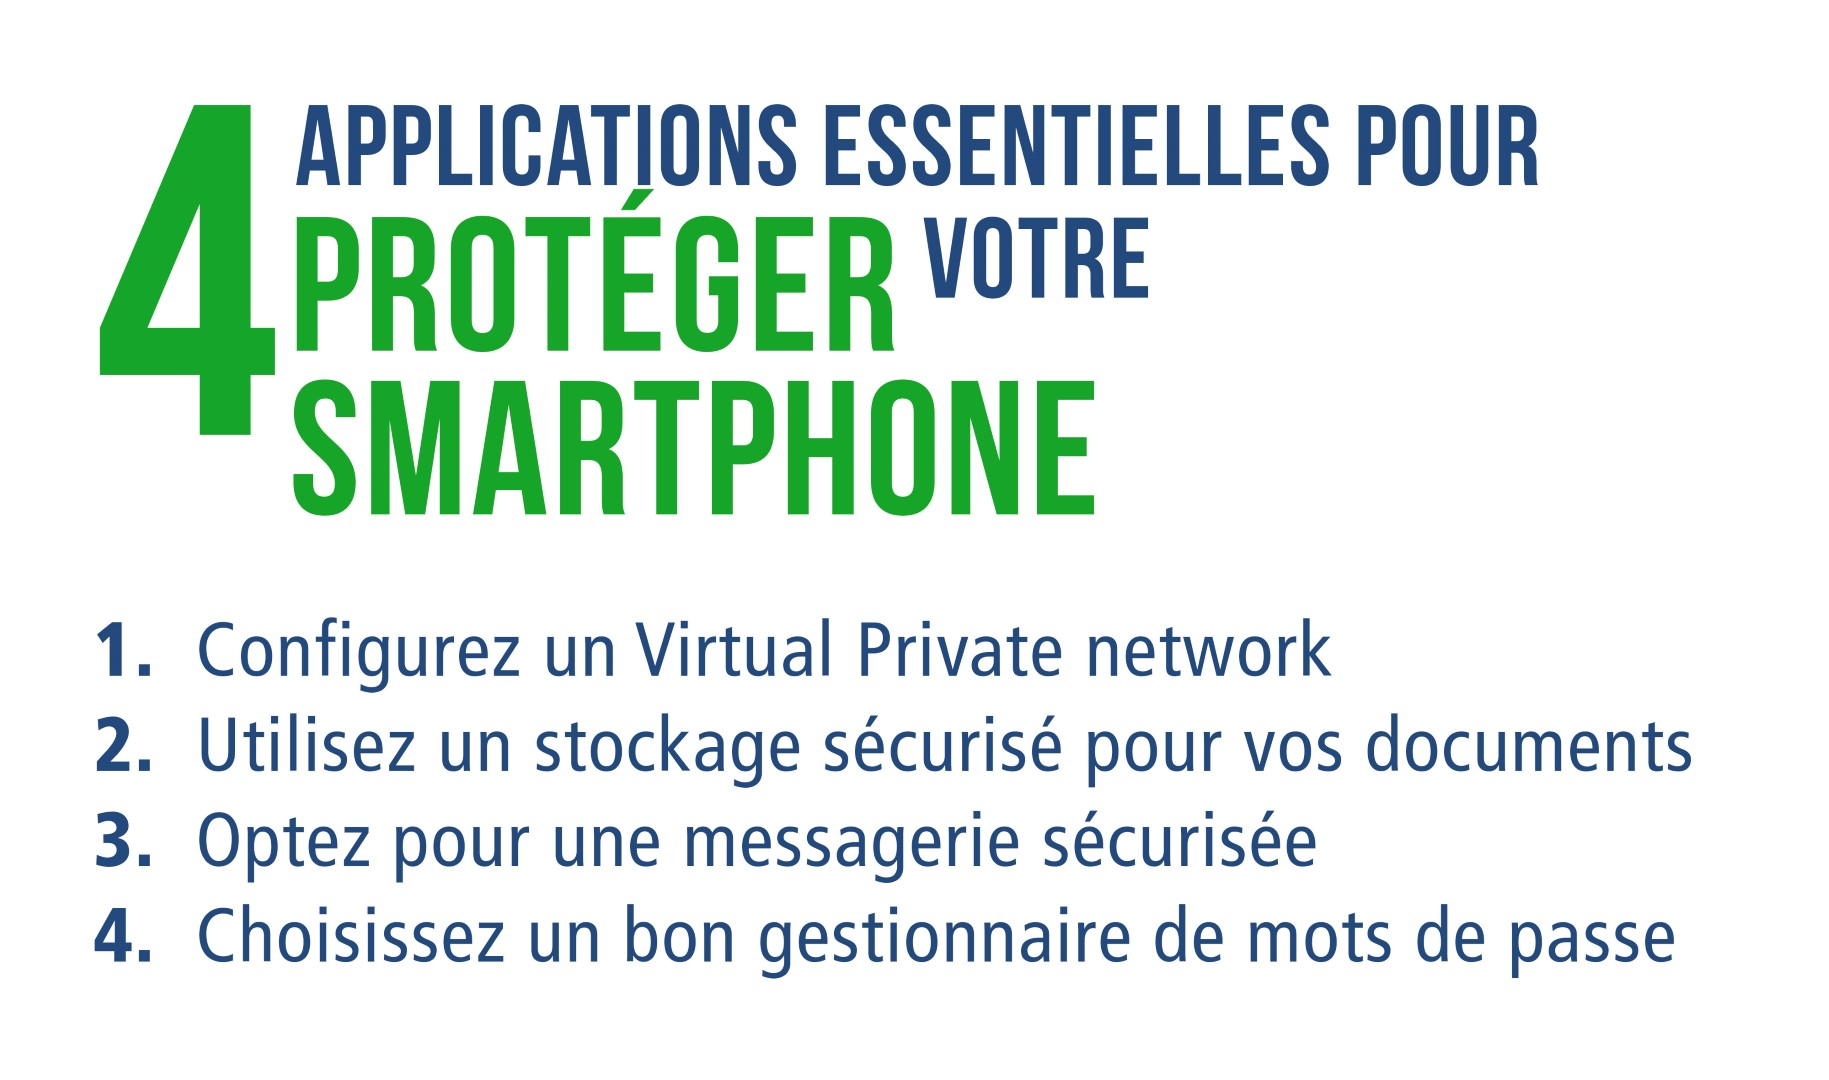 4 applications essentielles pour proteger votre smartphone